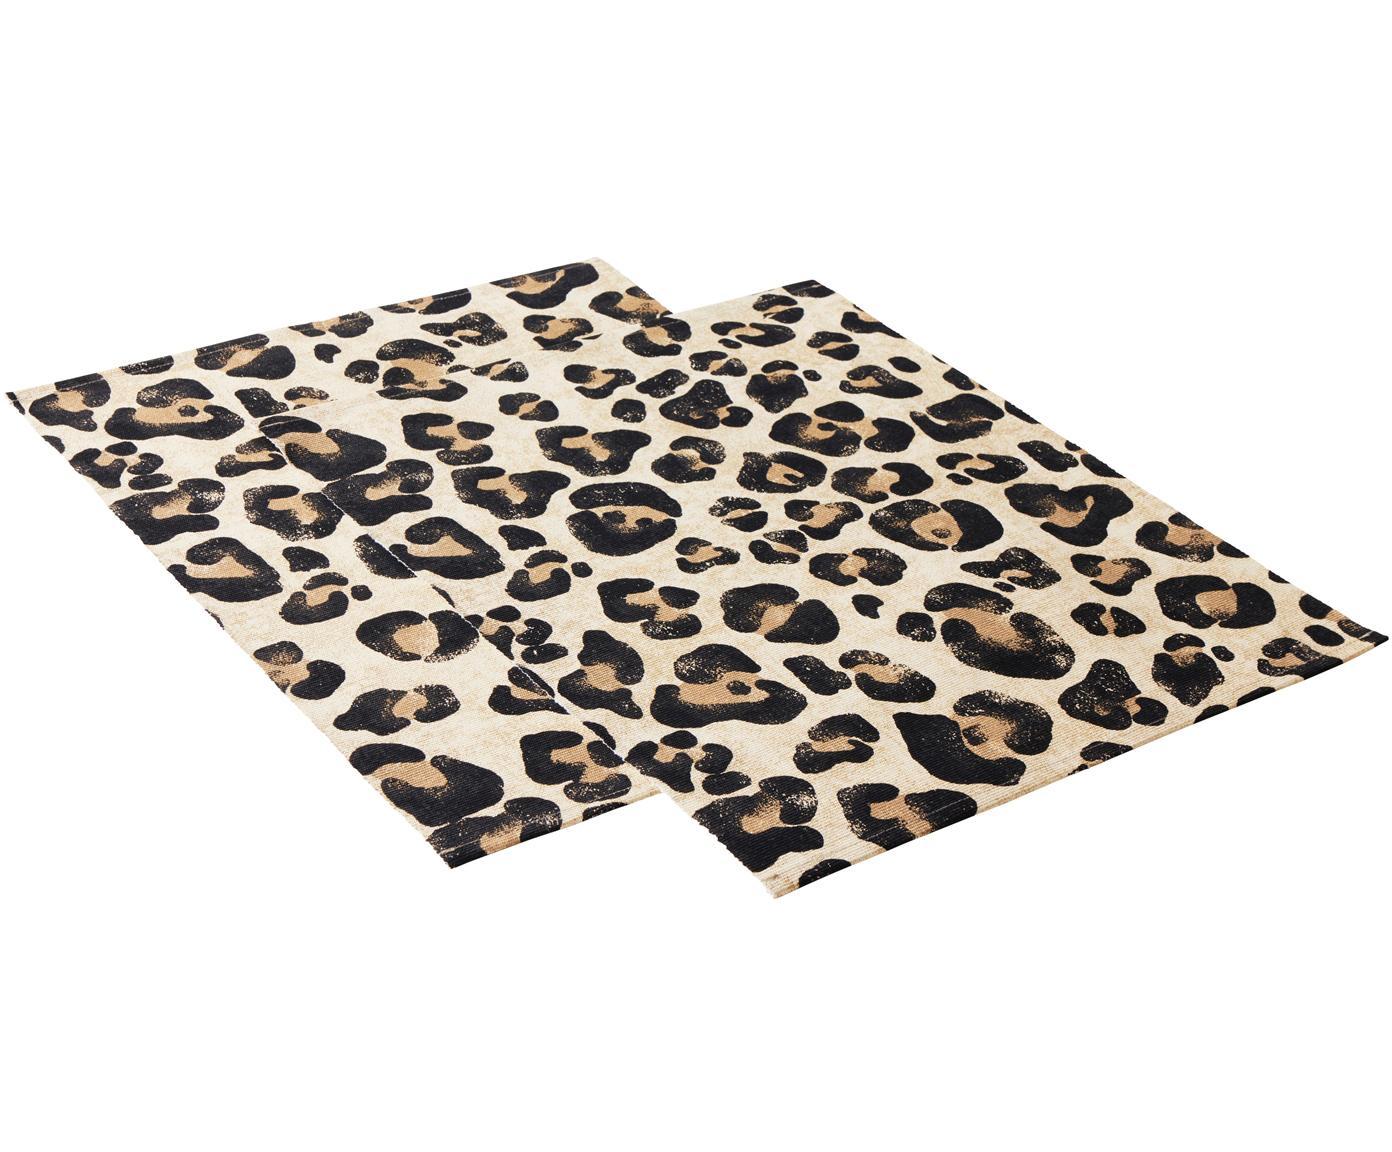 Tischsets Jill mit Leoparden-Print, 2 Stück, Baumwolle, Beige, Schwarz, 35 x 45 cm